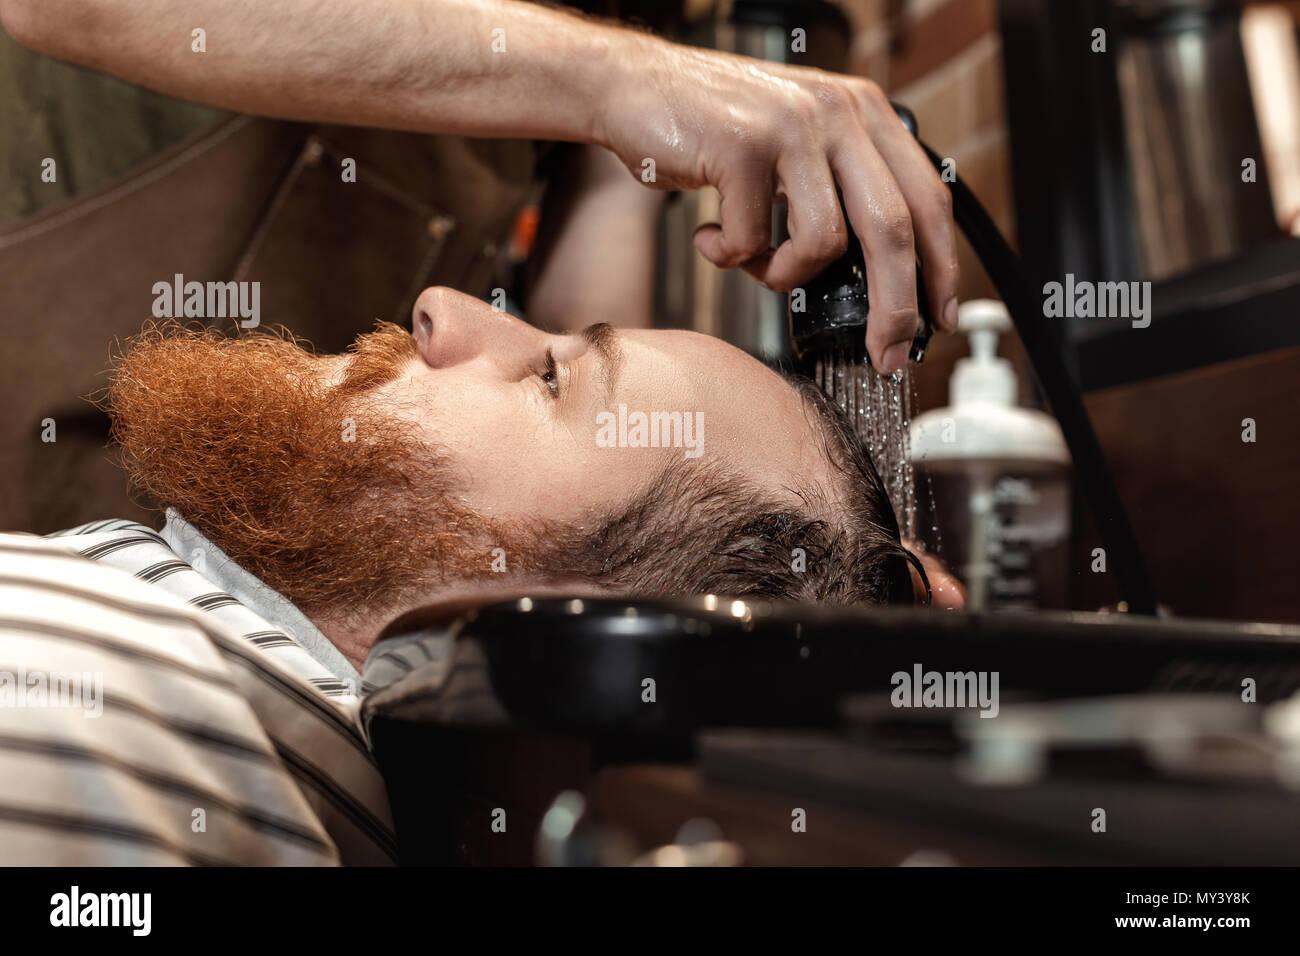 Salon de coiffure et barbu dans barber shop Photo Stock